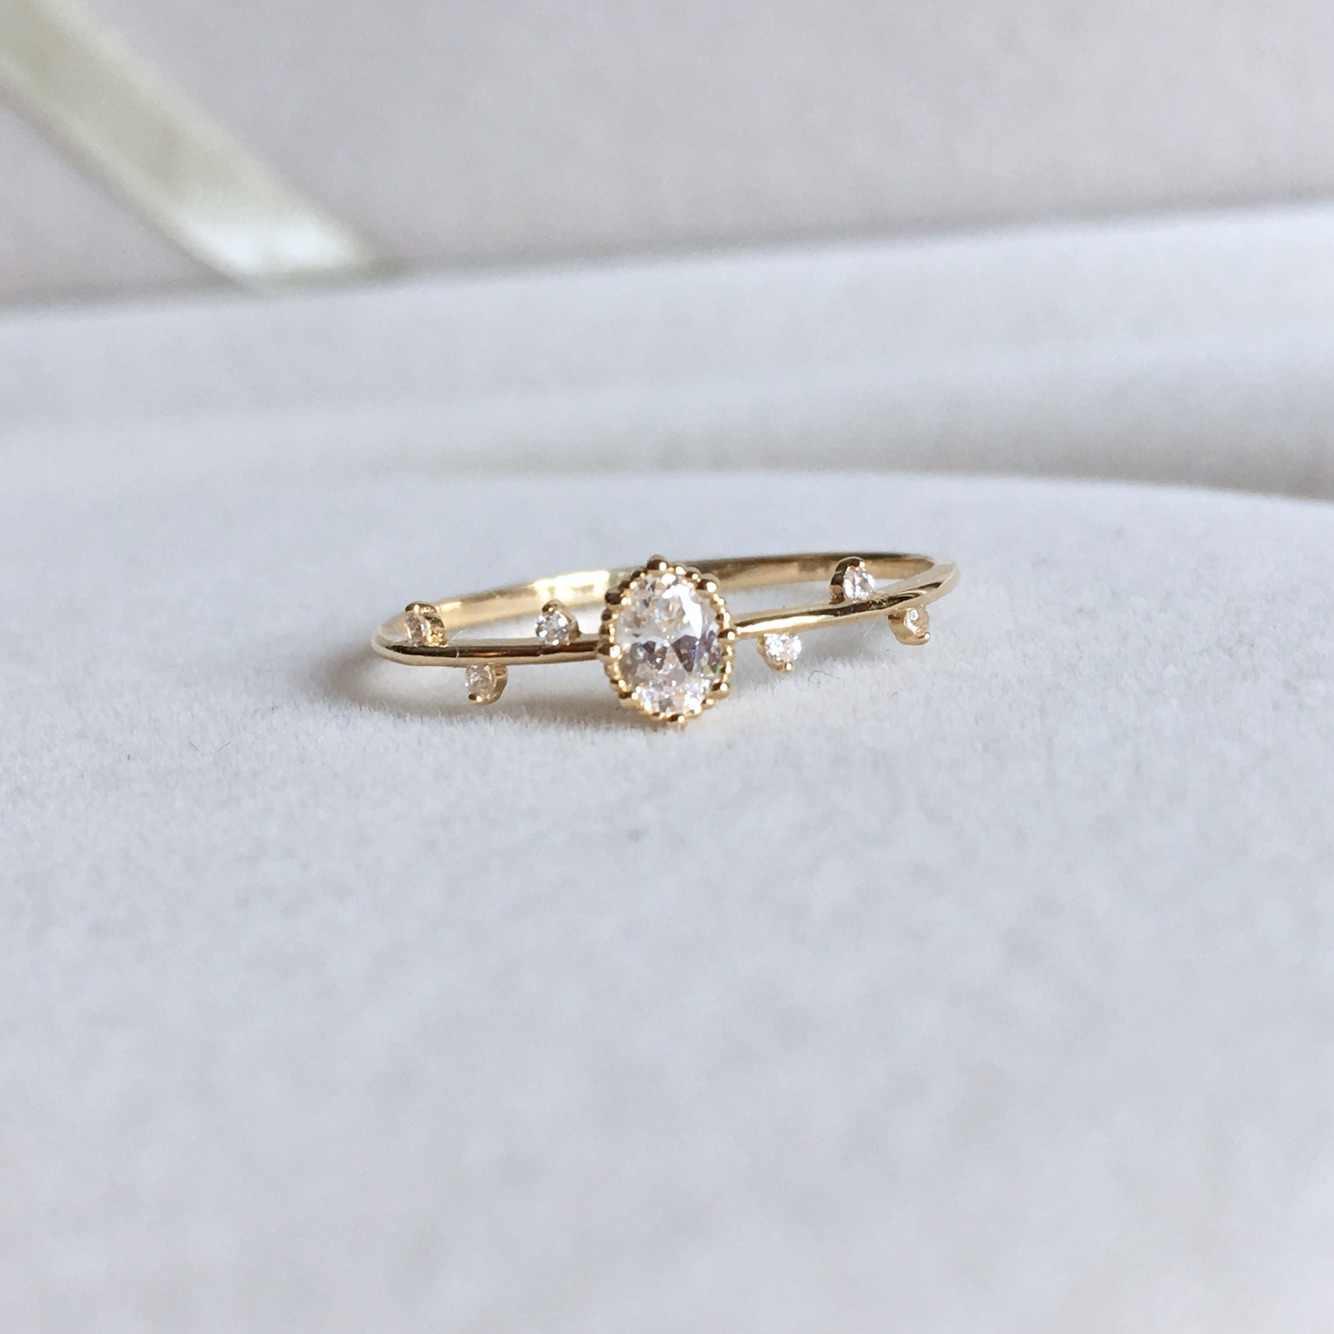 Unico in oro rosa/oro ramo della principessa anello di zircon DELLA CZ signore casuali regali dei monili di modo elegante delle donne anello